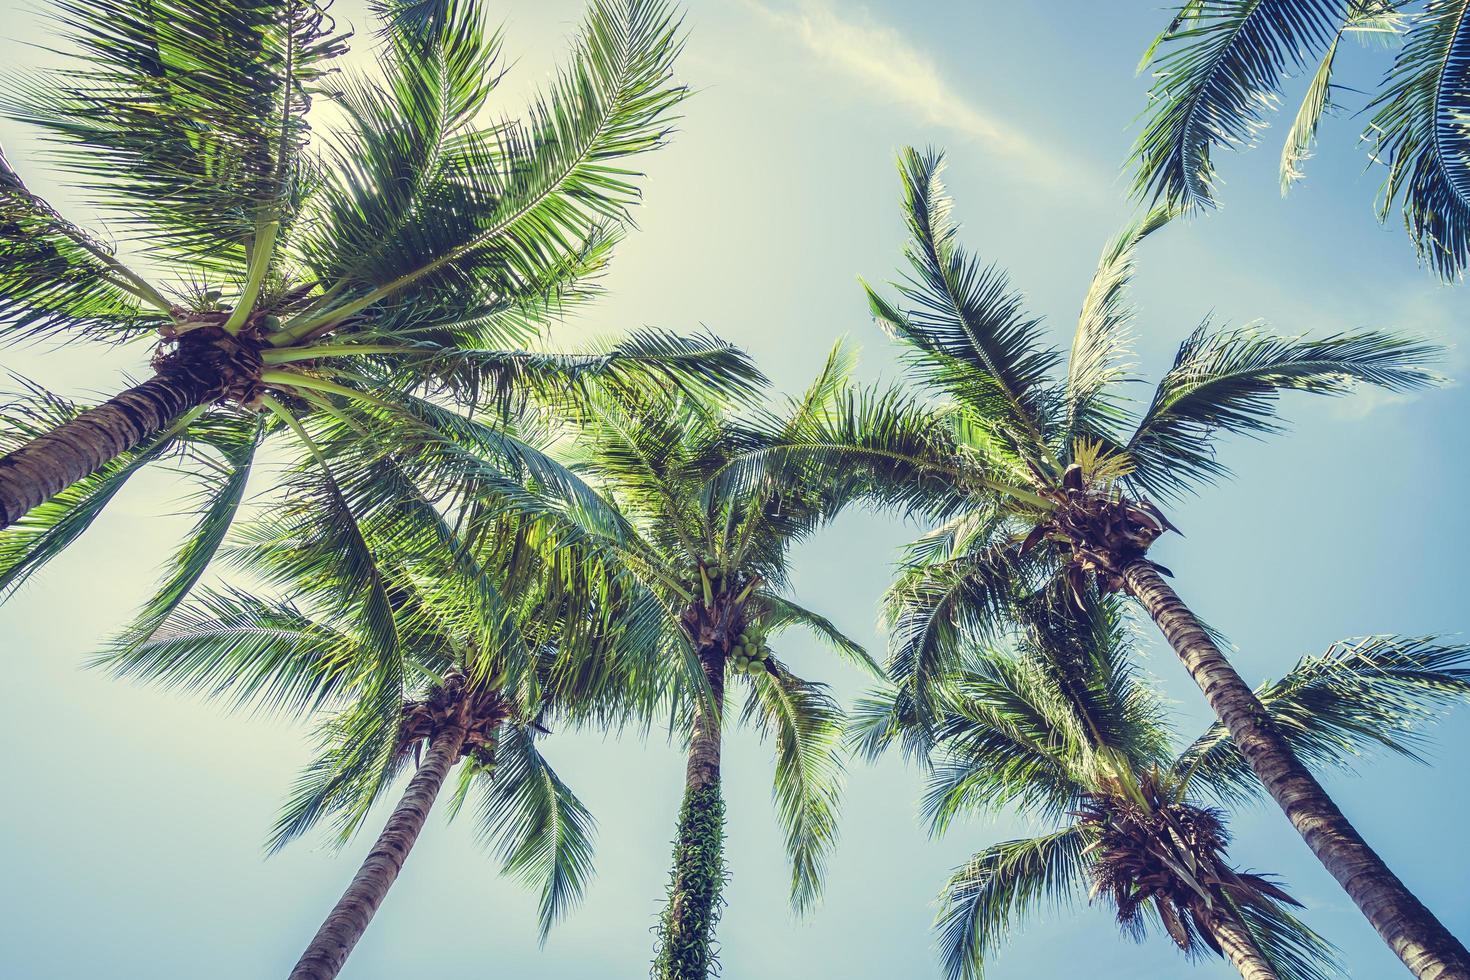 cocotier sur ciel bleu photo